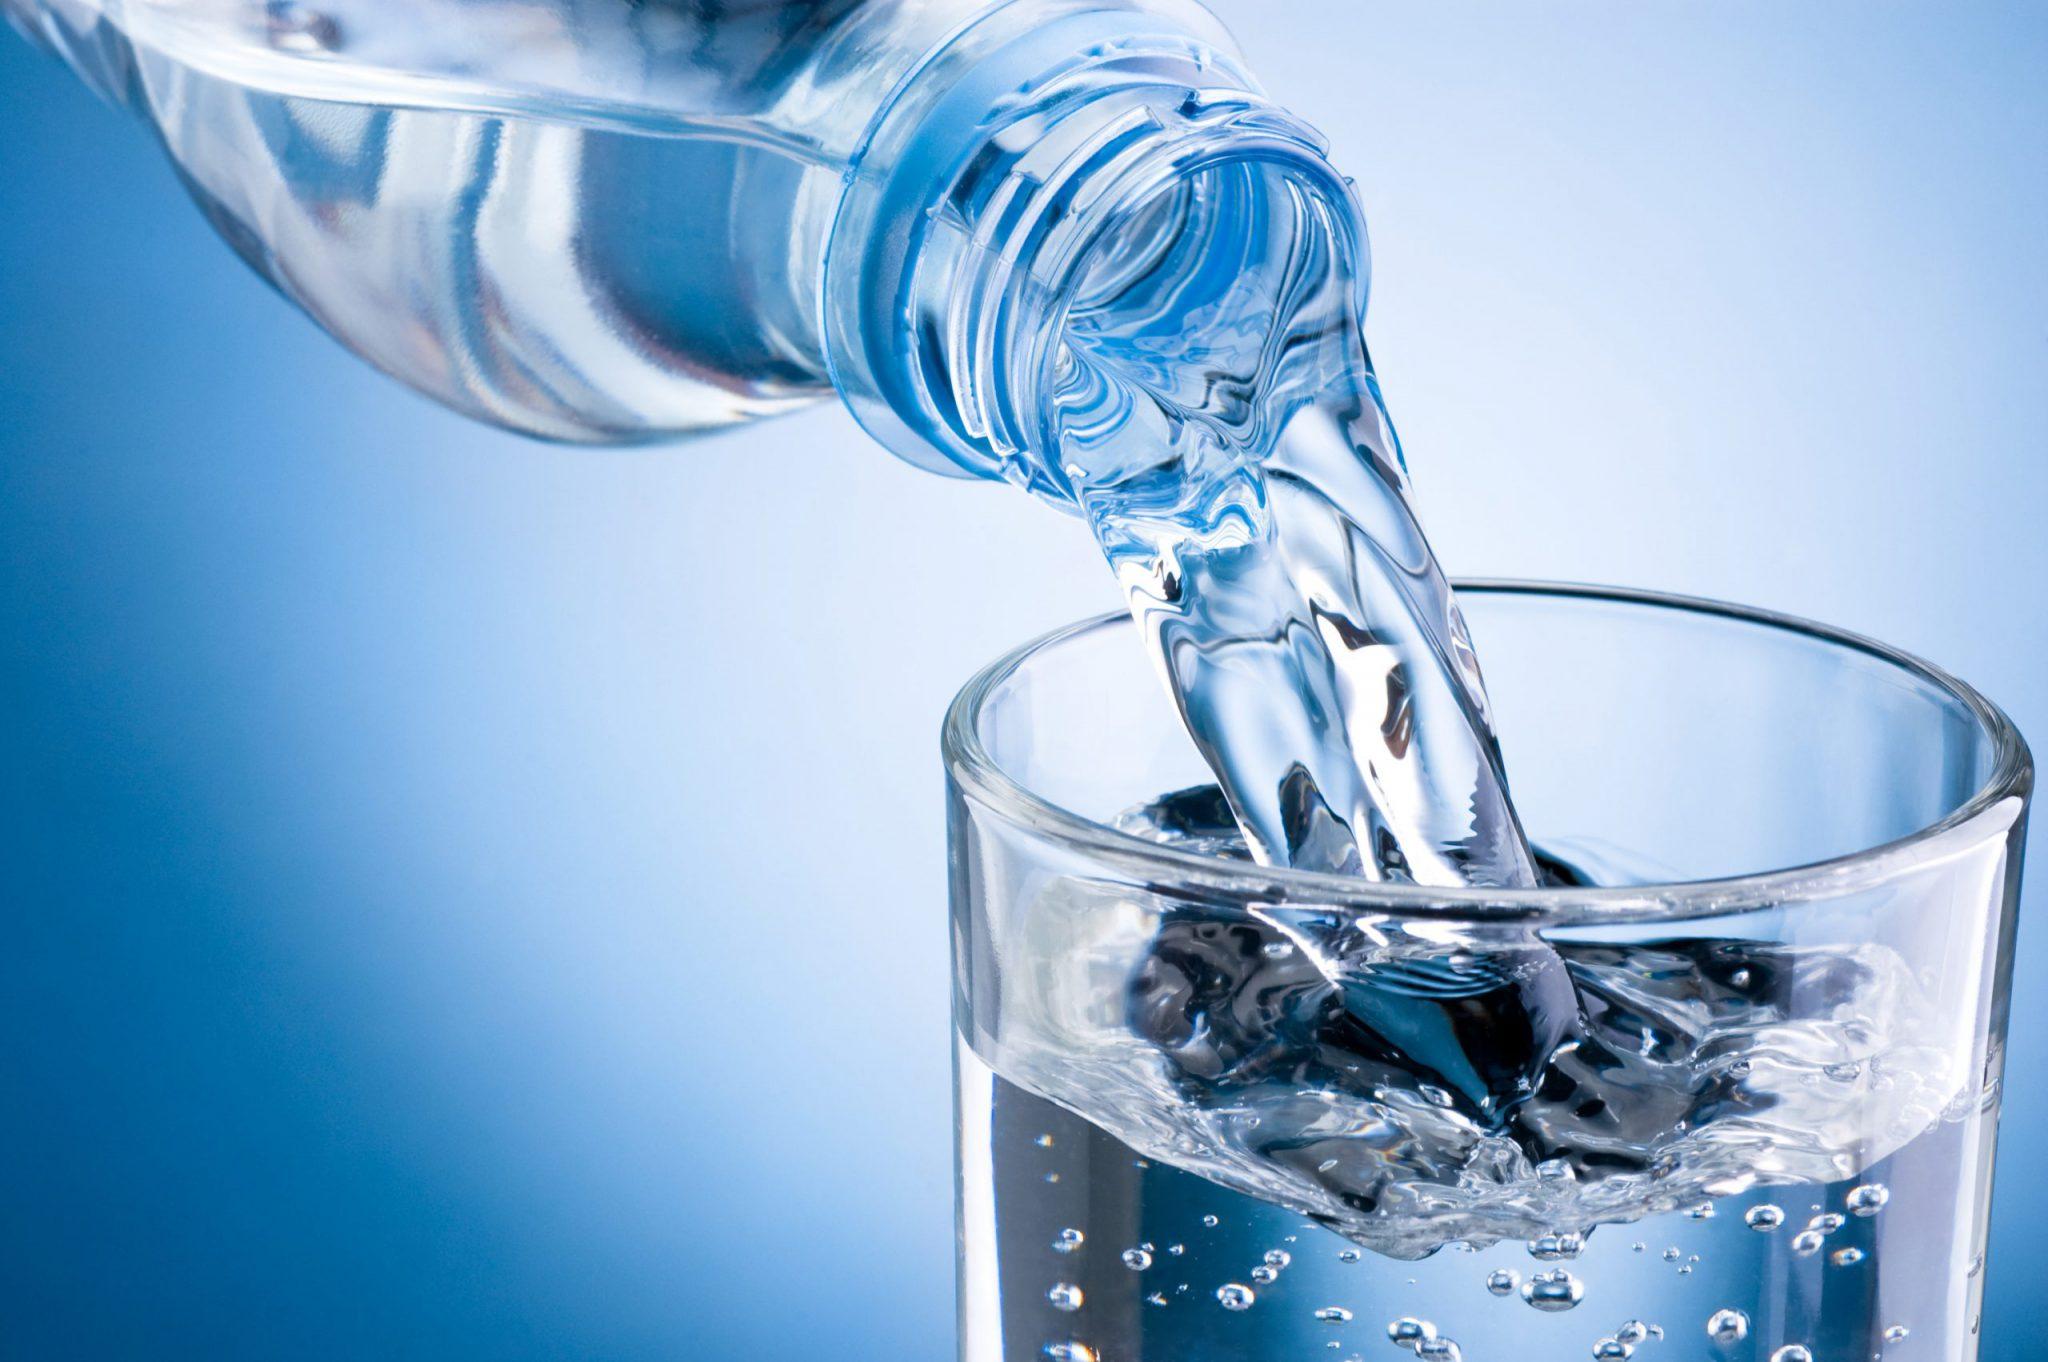 Thủ tục công bố chất lượng Nước khoáng thiên nhiên - 0903 685 330